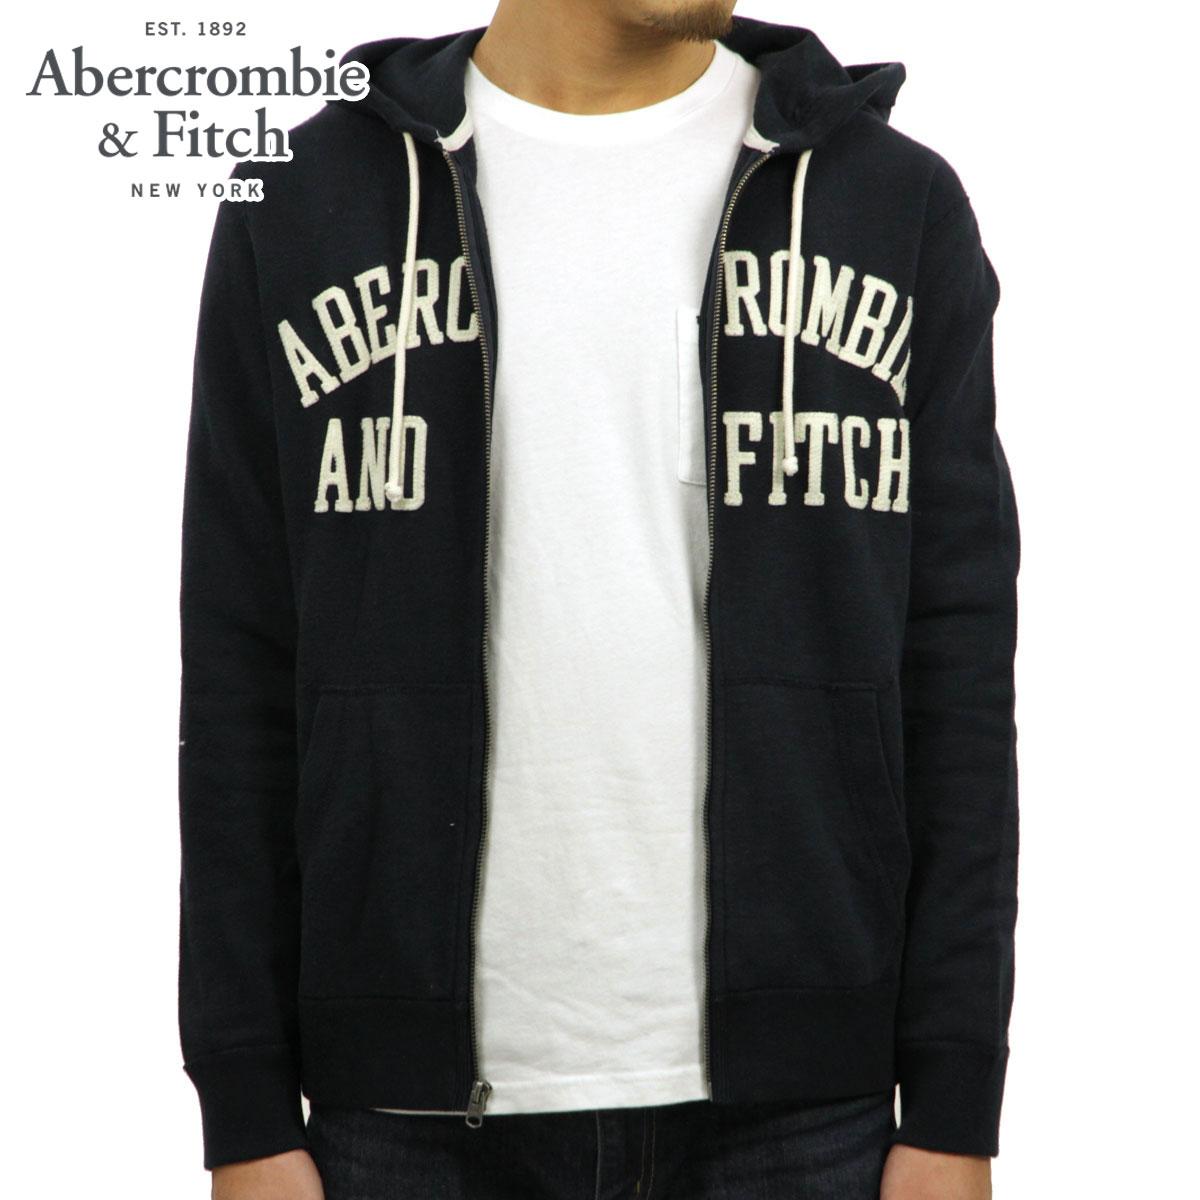 アバクロ Abercrombie&Fitch 正規品 メンズ ジップアップパーカー GRAPHIC FULL-ZIP HOODIE 122-243-0014-200